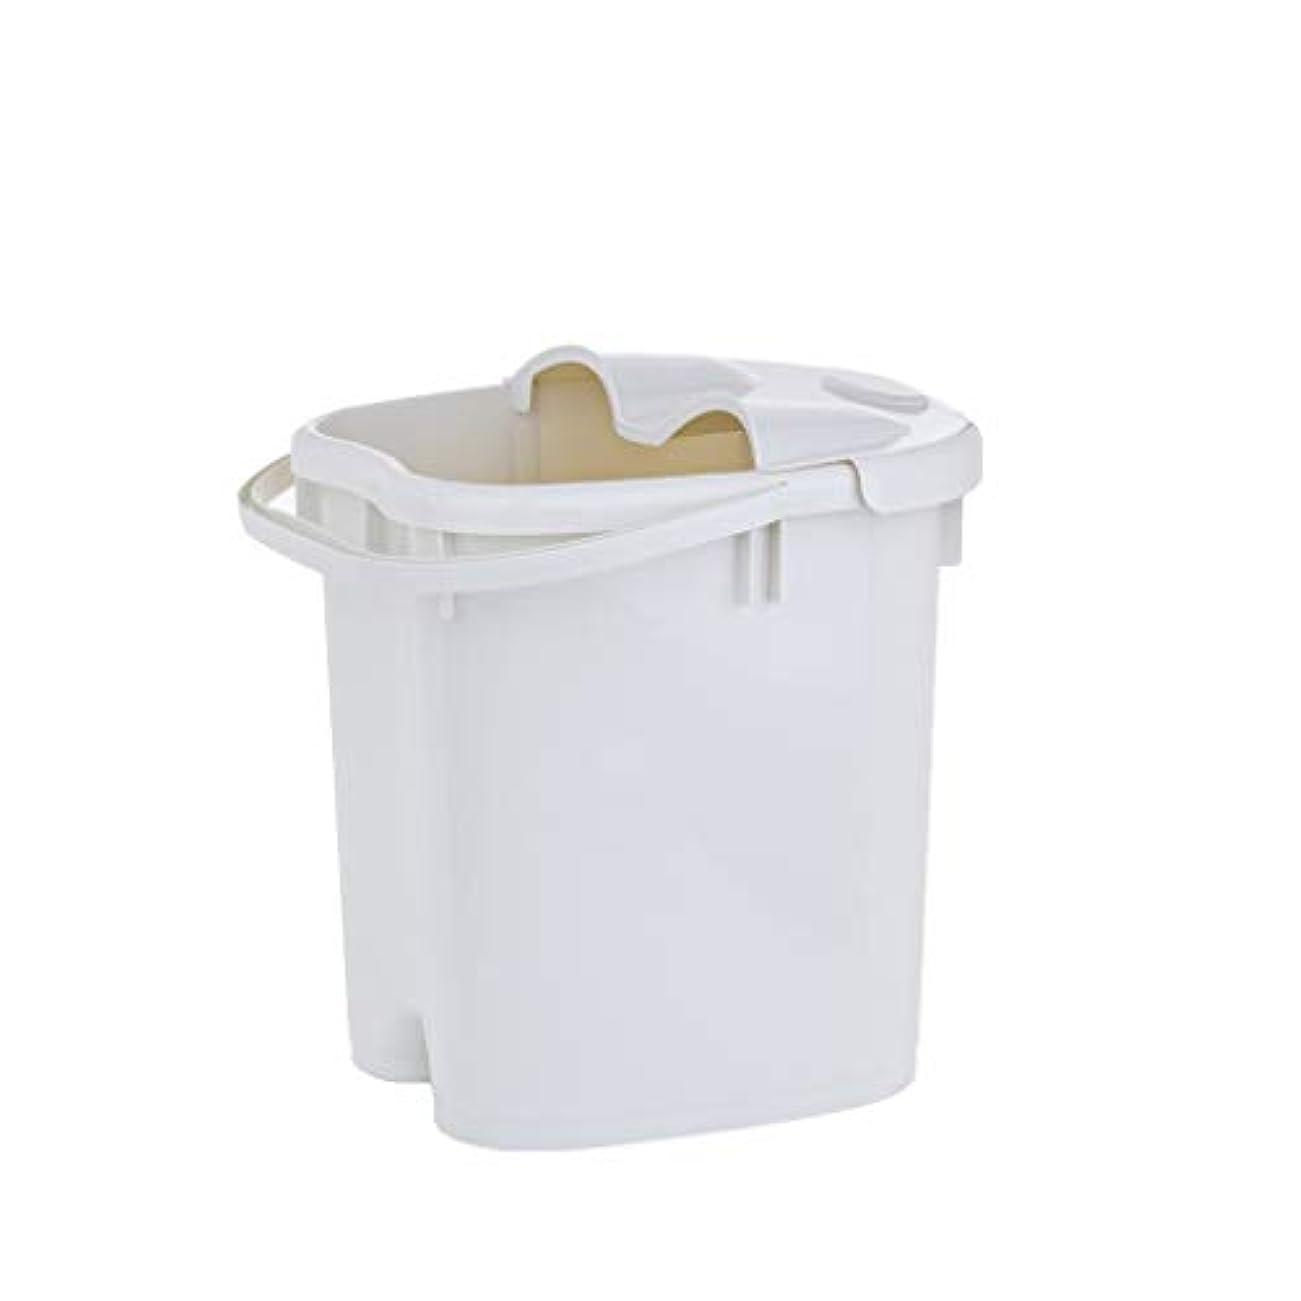 どれでもスカープ追加フットバスバレル- ?AMT携帯用高まりのマッサージの浴槽のふたの熱保存のフィートの洗面器の世帯が付いている大人のフットバスのバケツ Relax foot (色 : 白, サイズ さいず : 39cm high)